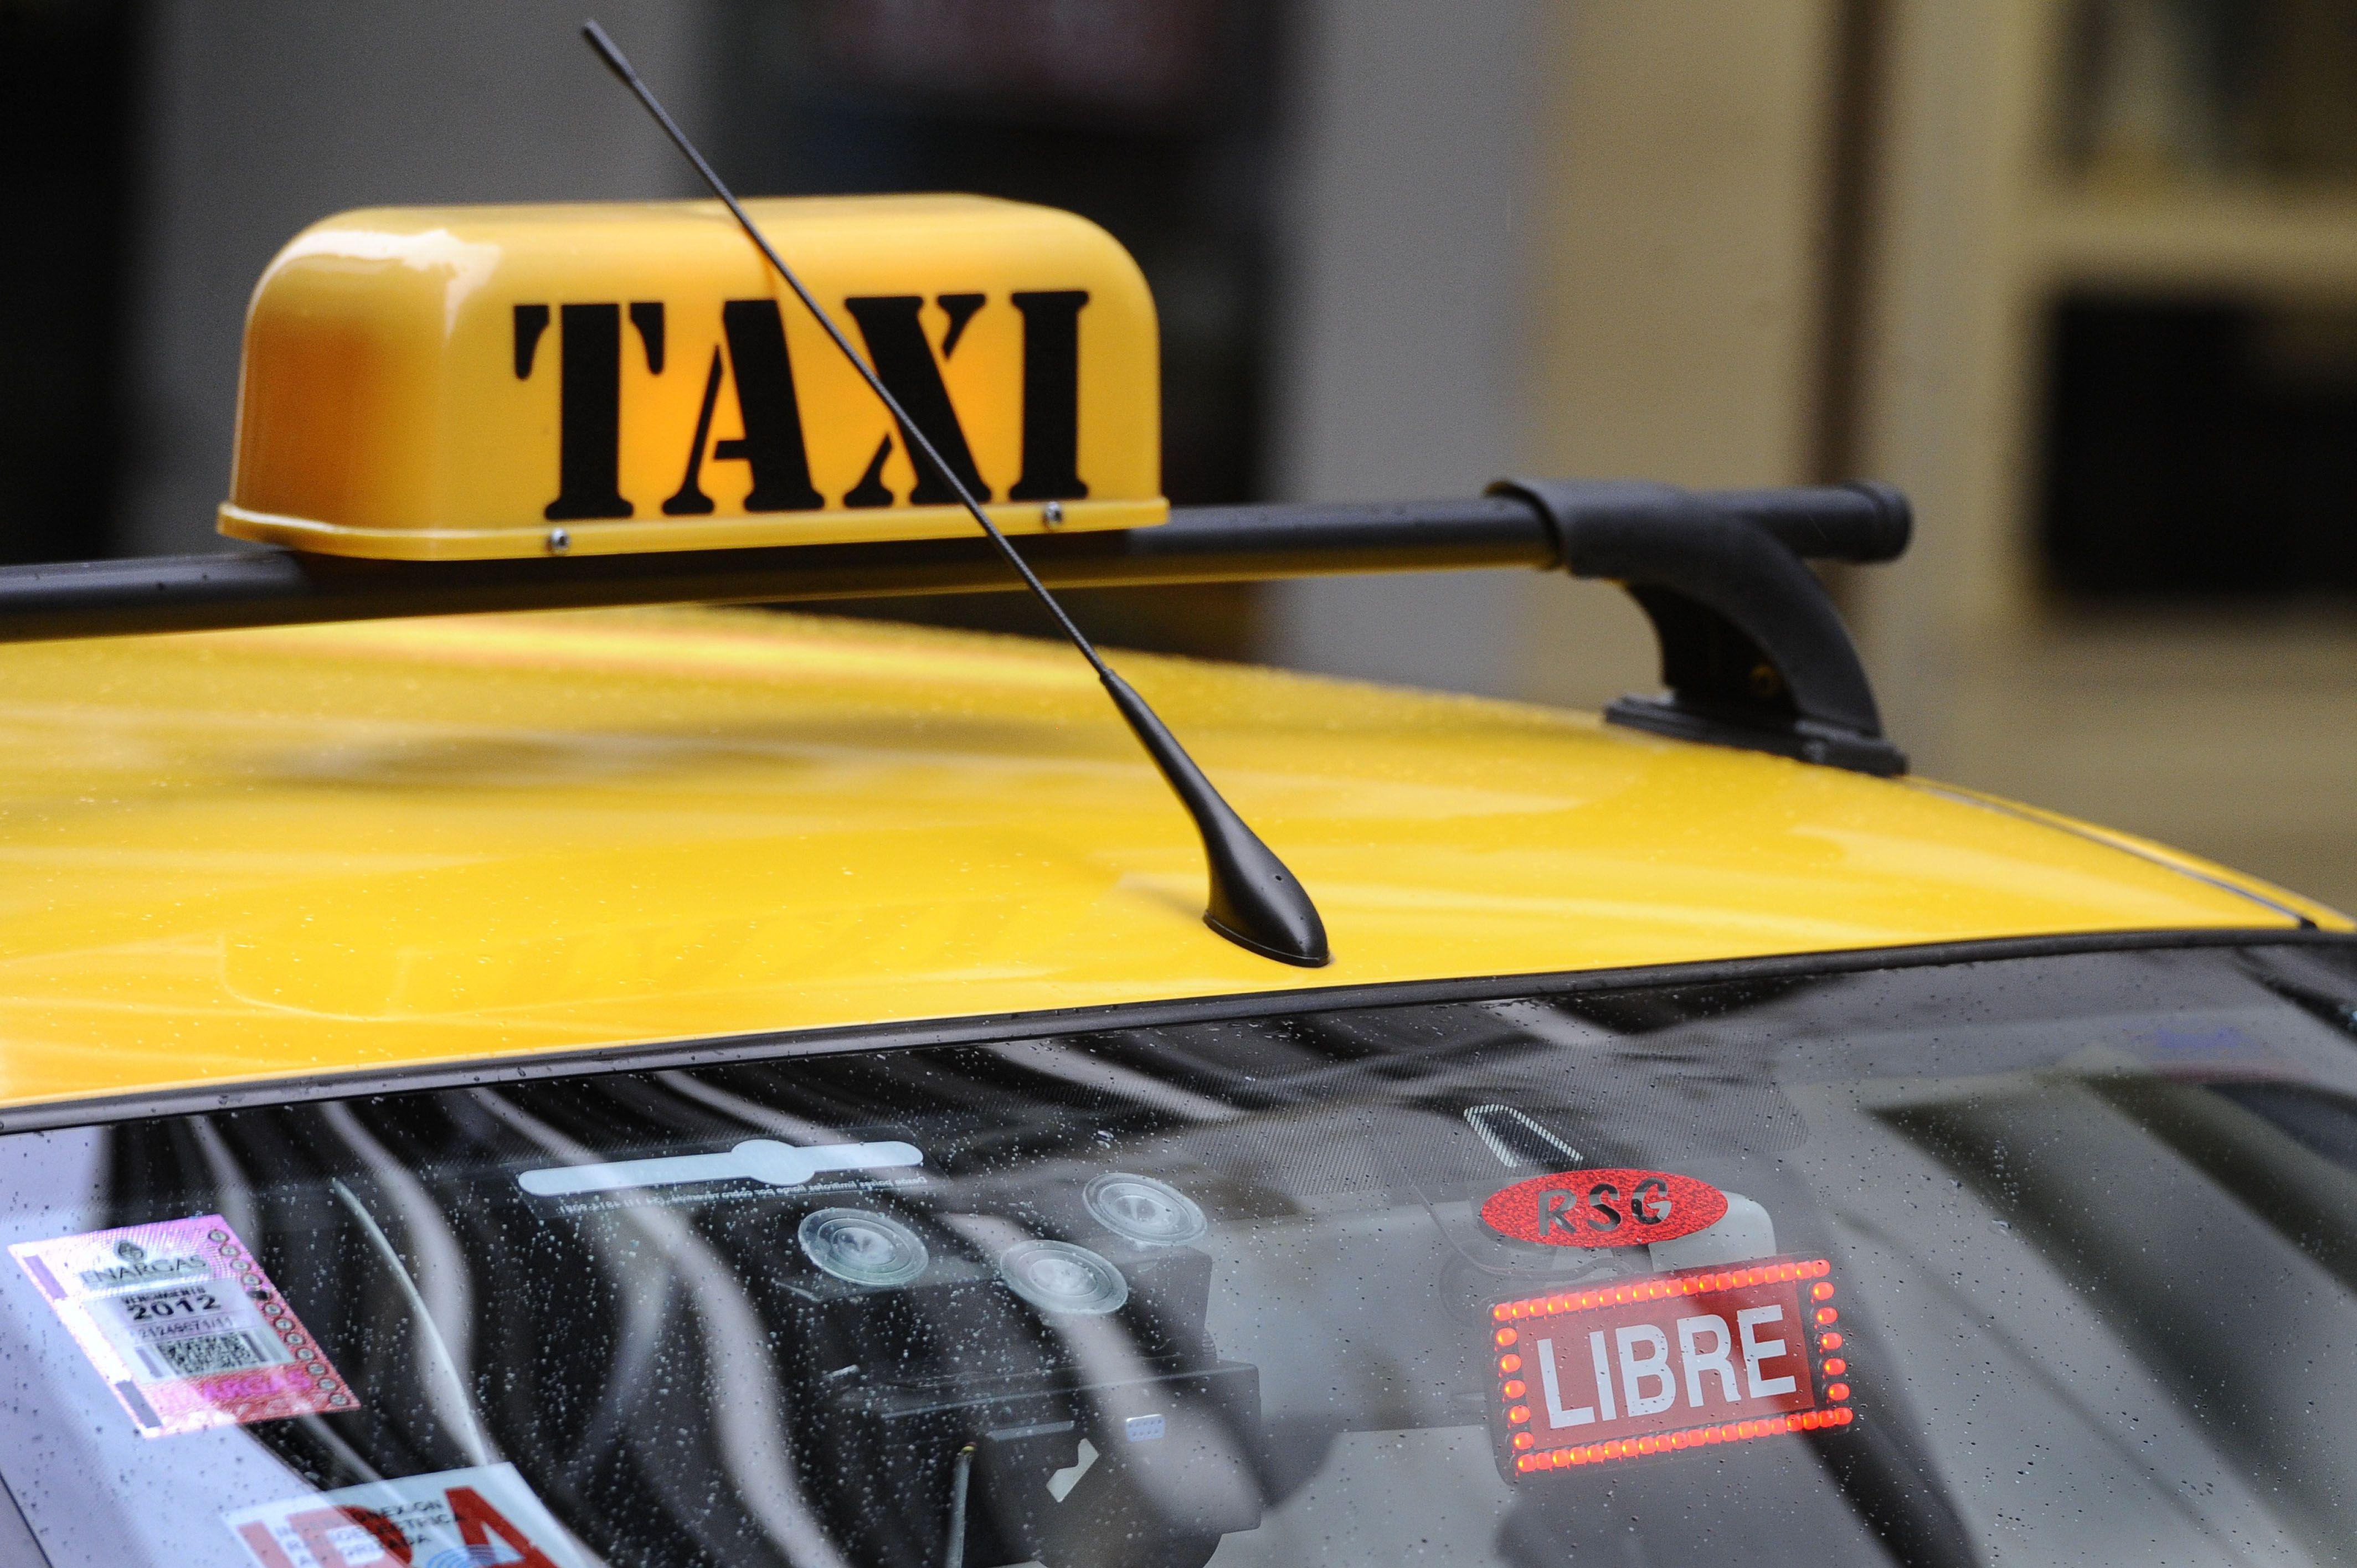 Las autoridades adelantaron que el chofer no podrá volver a conducir taxis